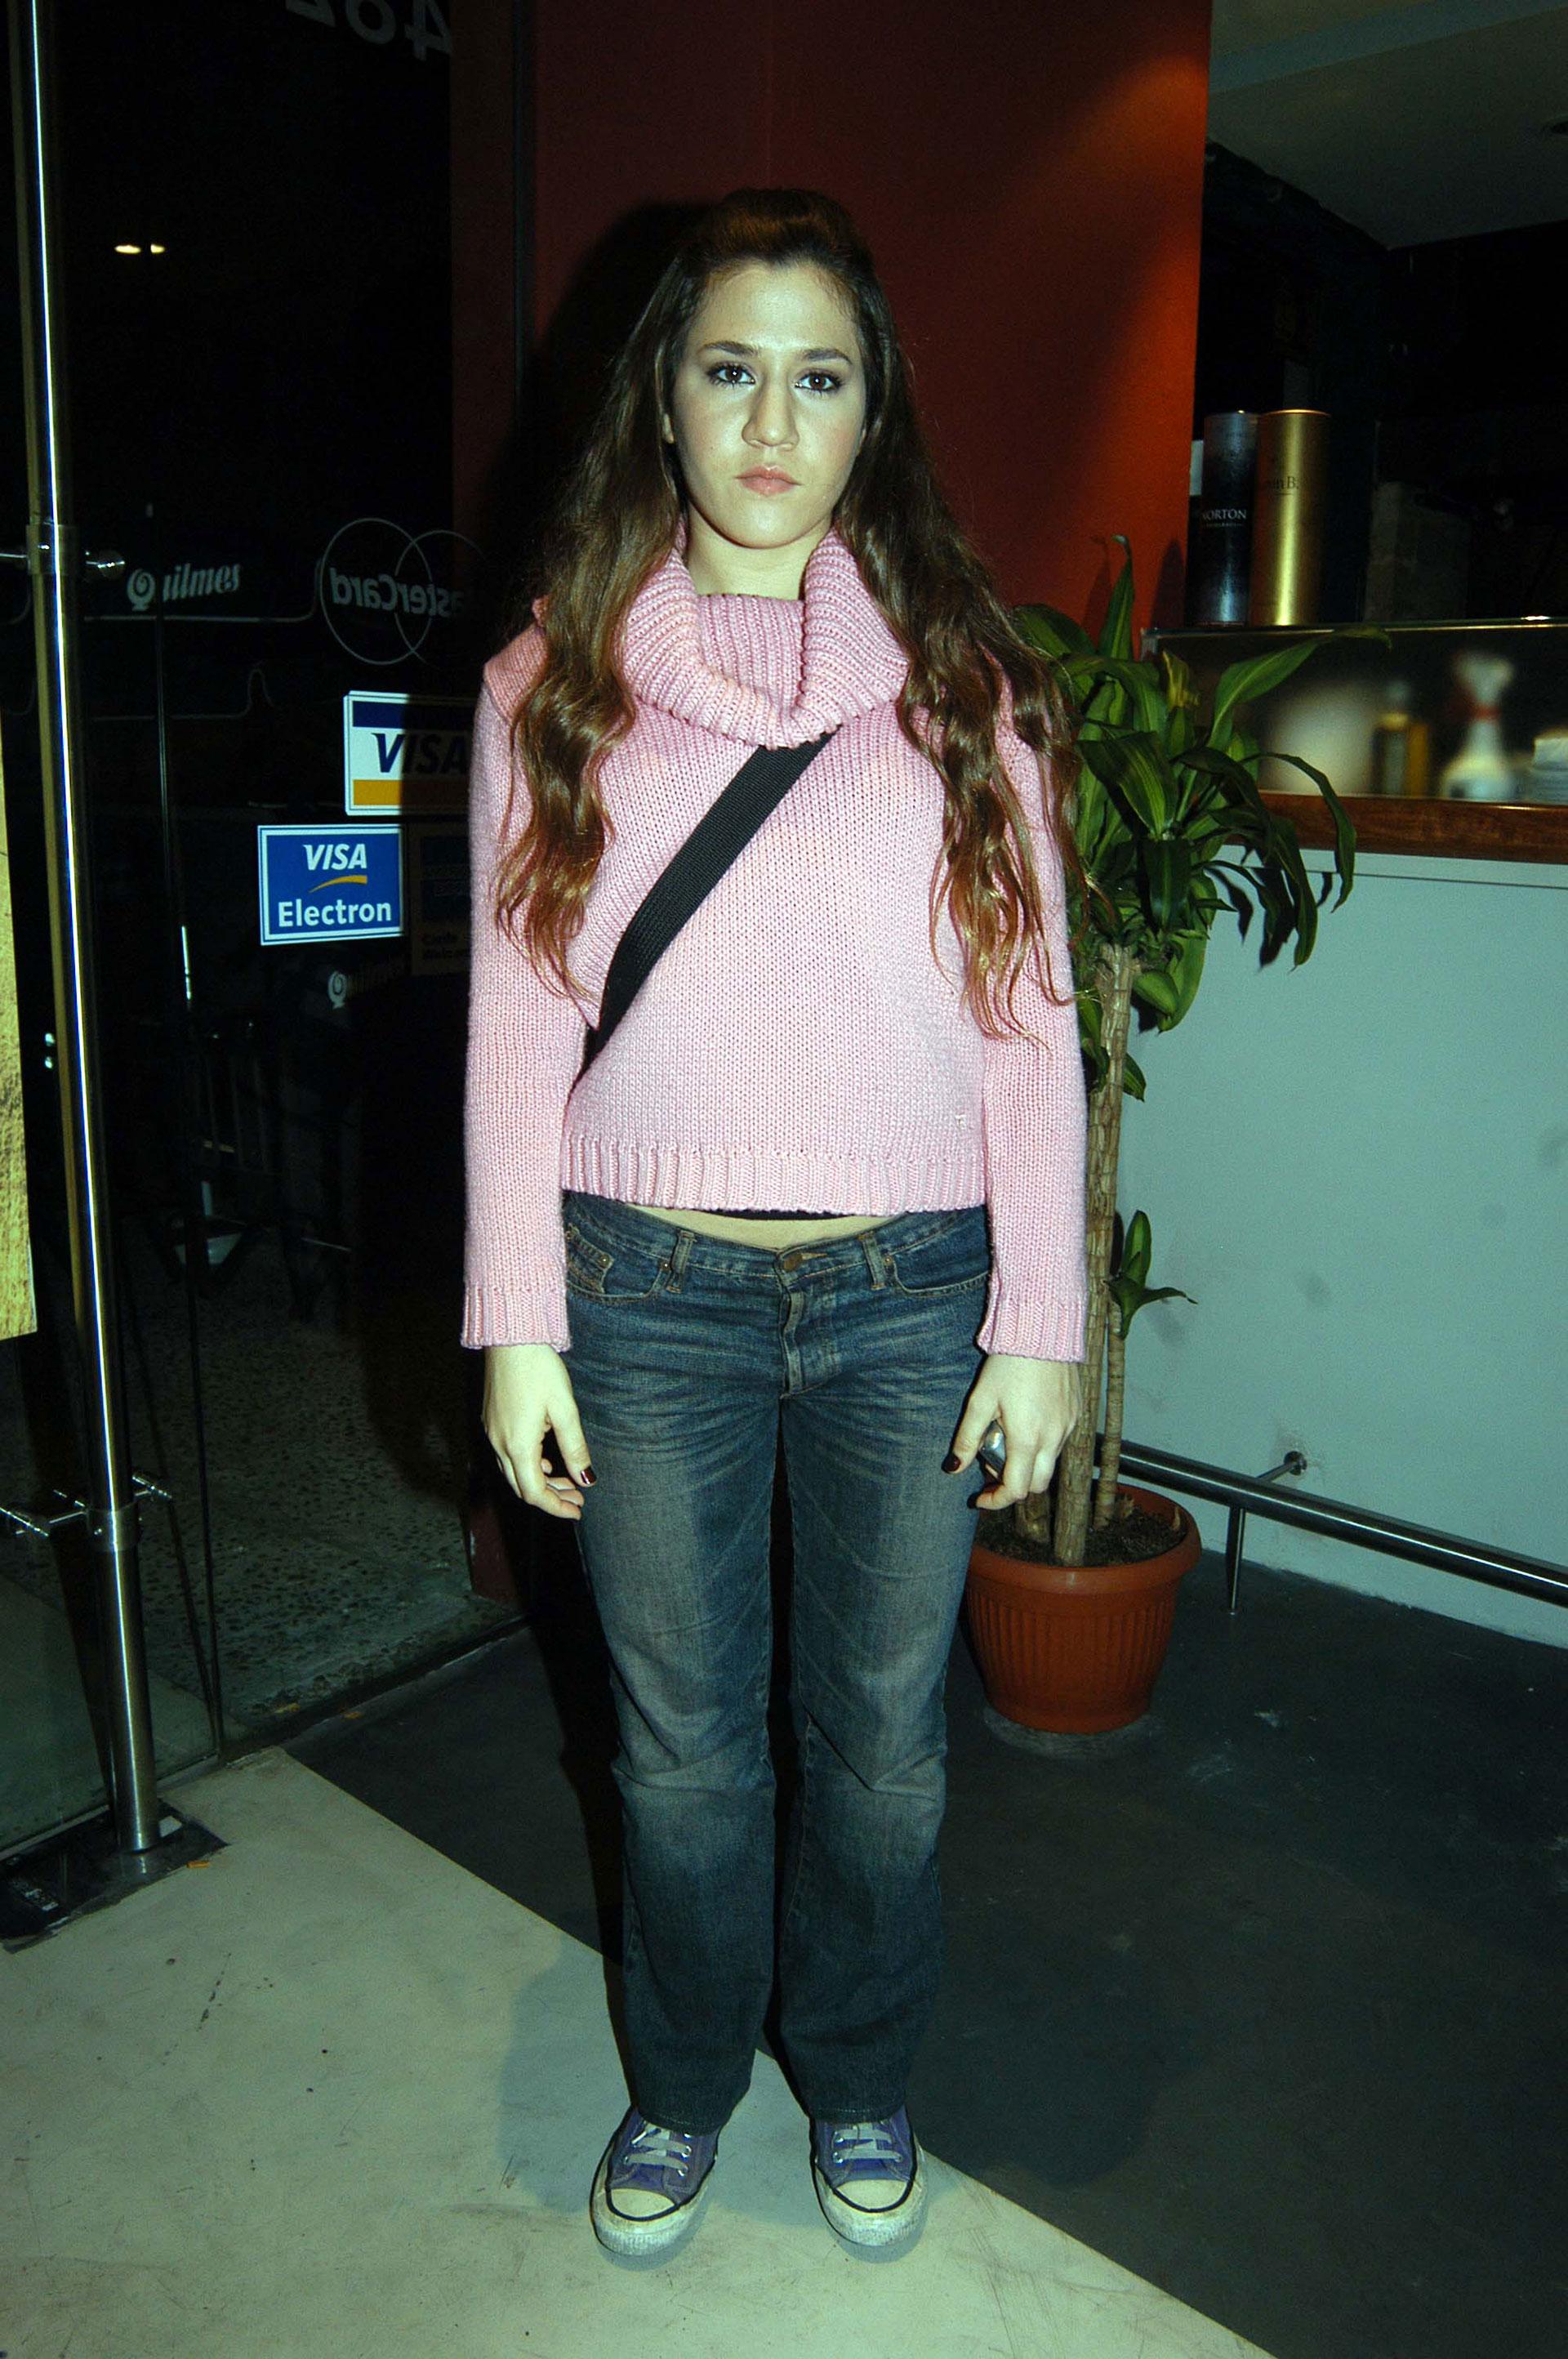 Sweater con cuello bote, jean recto, morral y zapatillas Converse, el uniforme de toda adolescente en el 2000. Foto: Archivo Atlántida Televisa